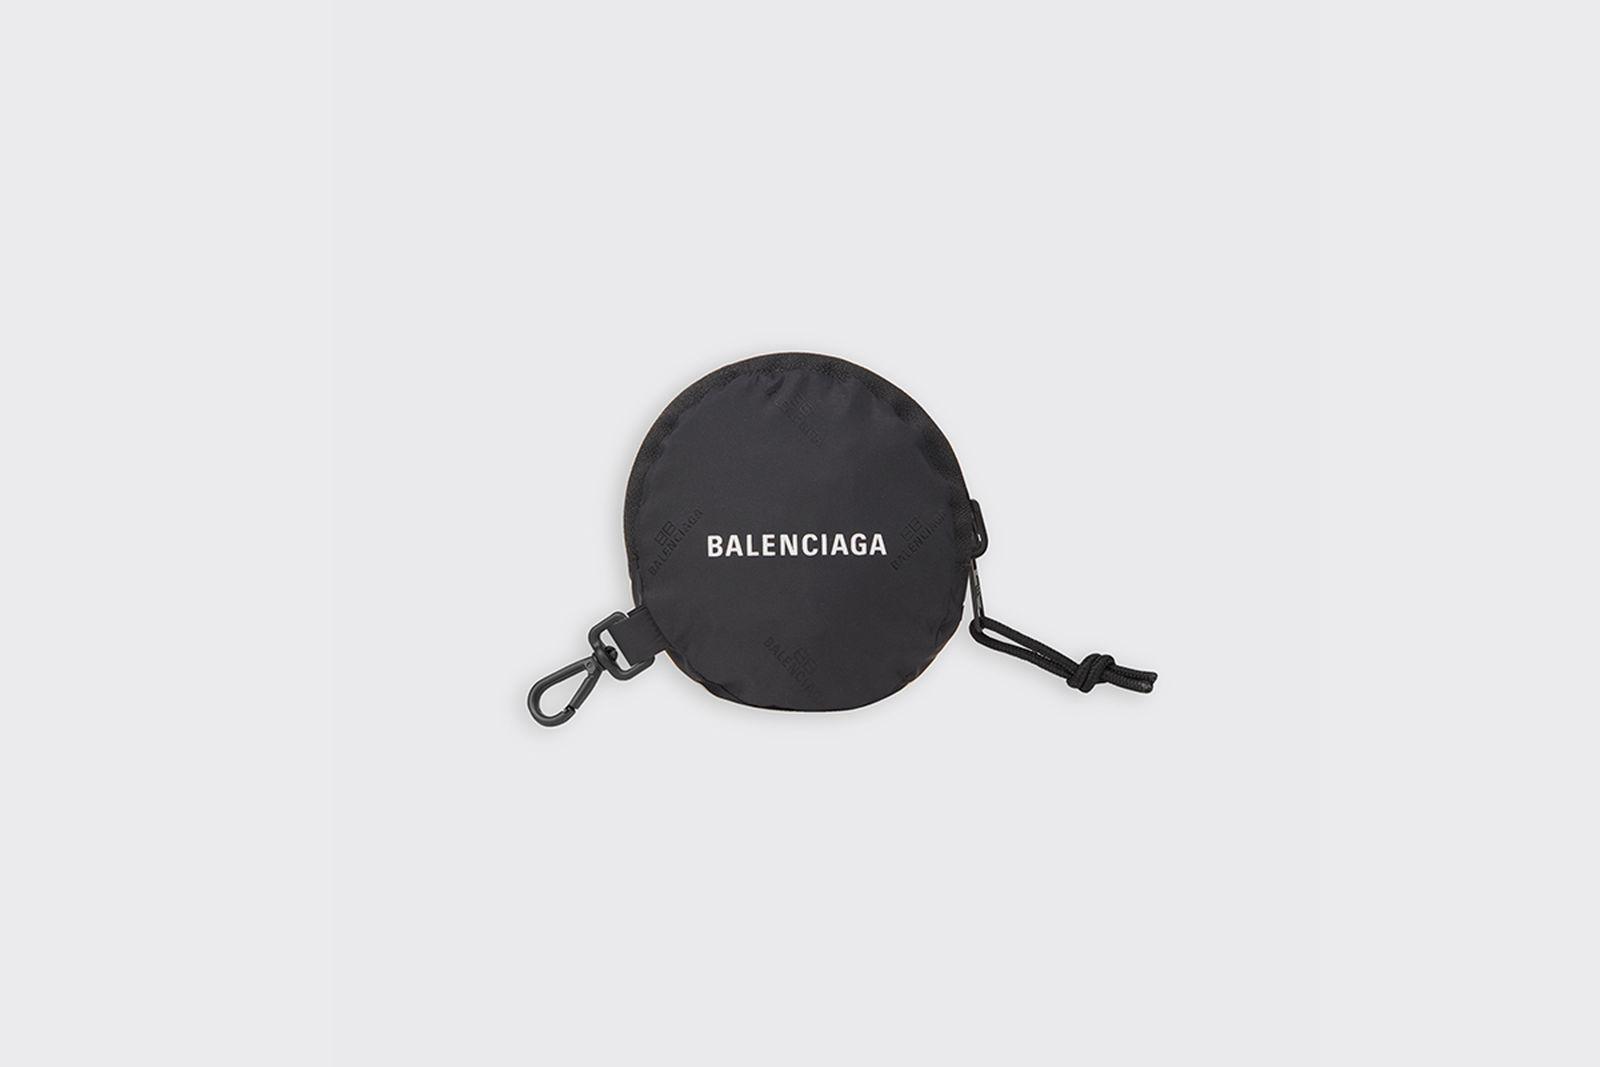 balenciaga-grocery-bag-04